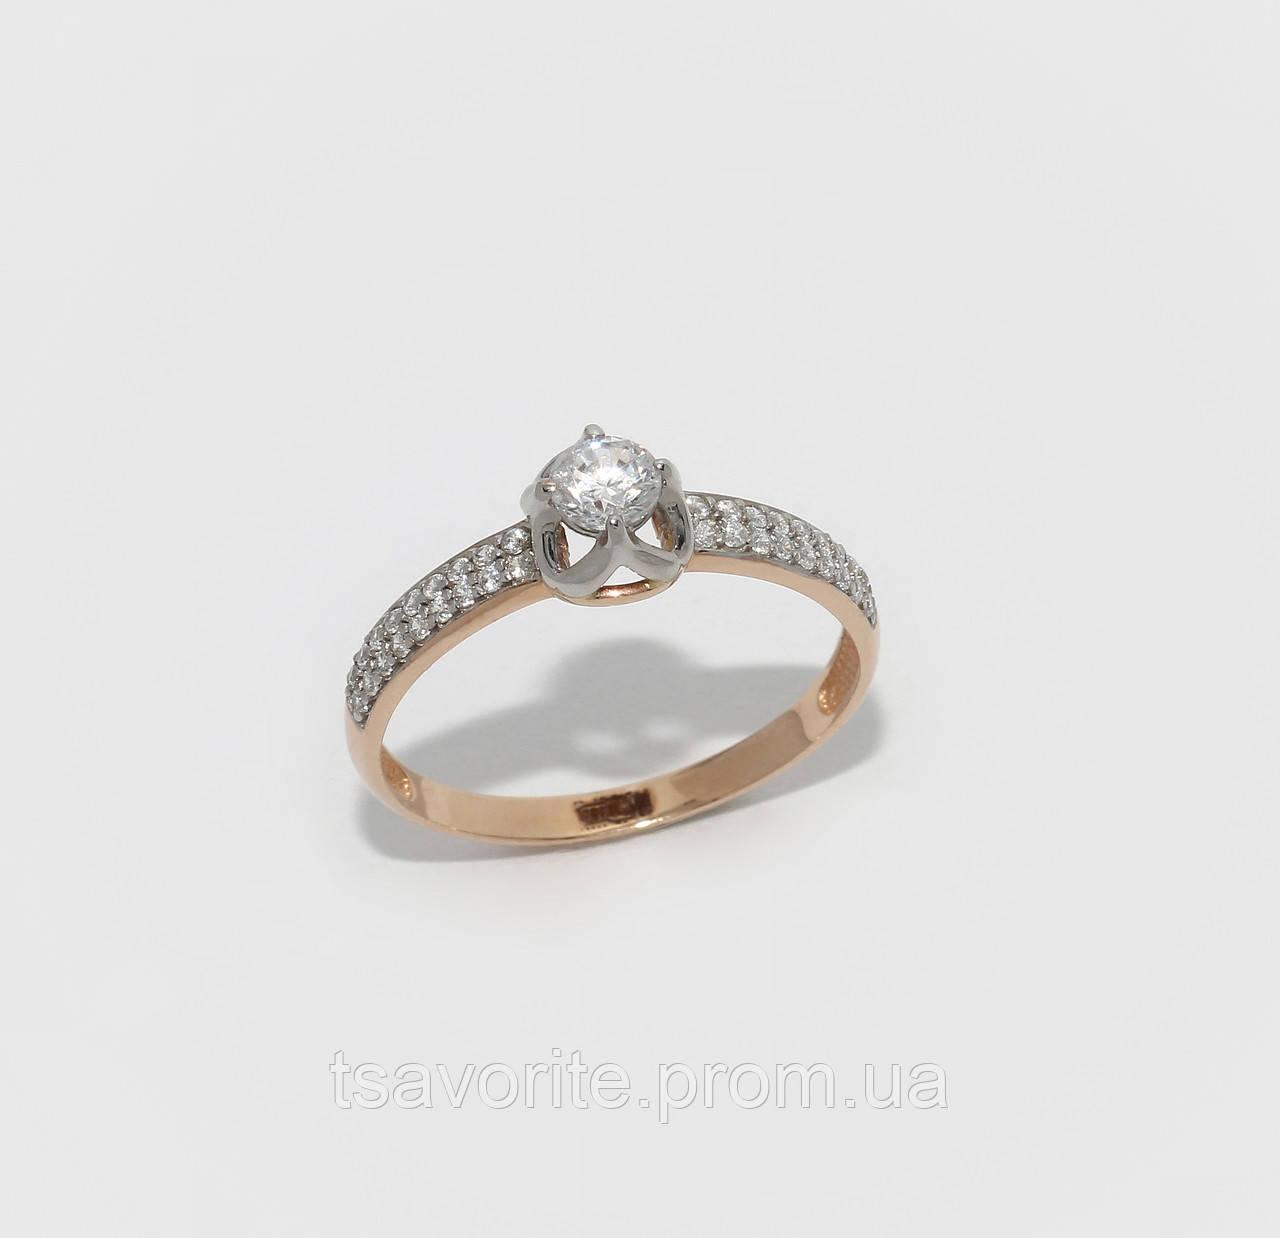 Золотое кольцо 700019-Р.р